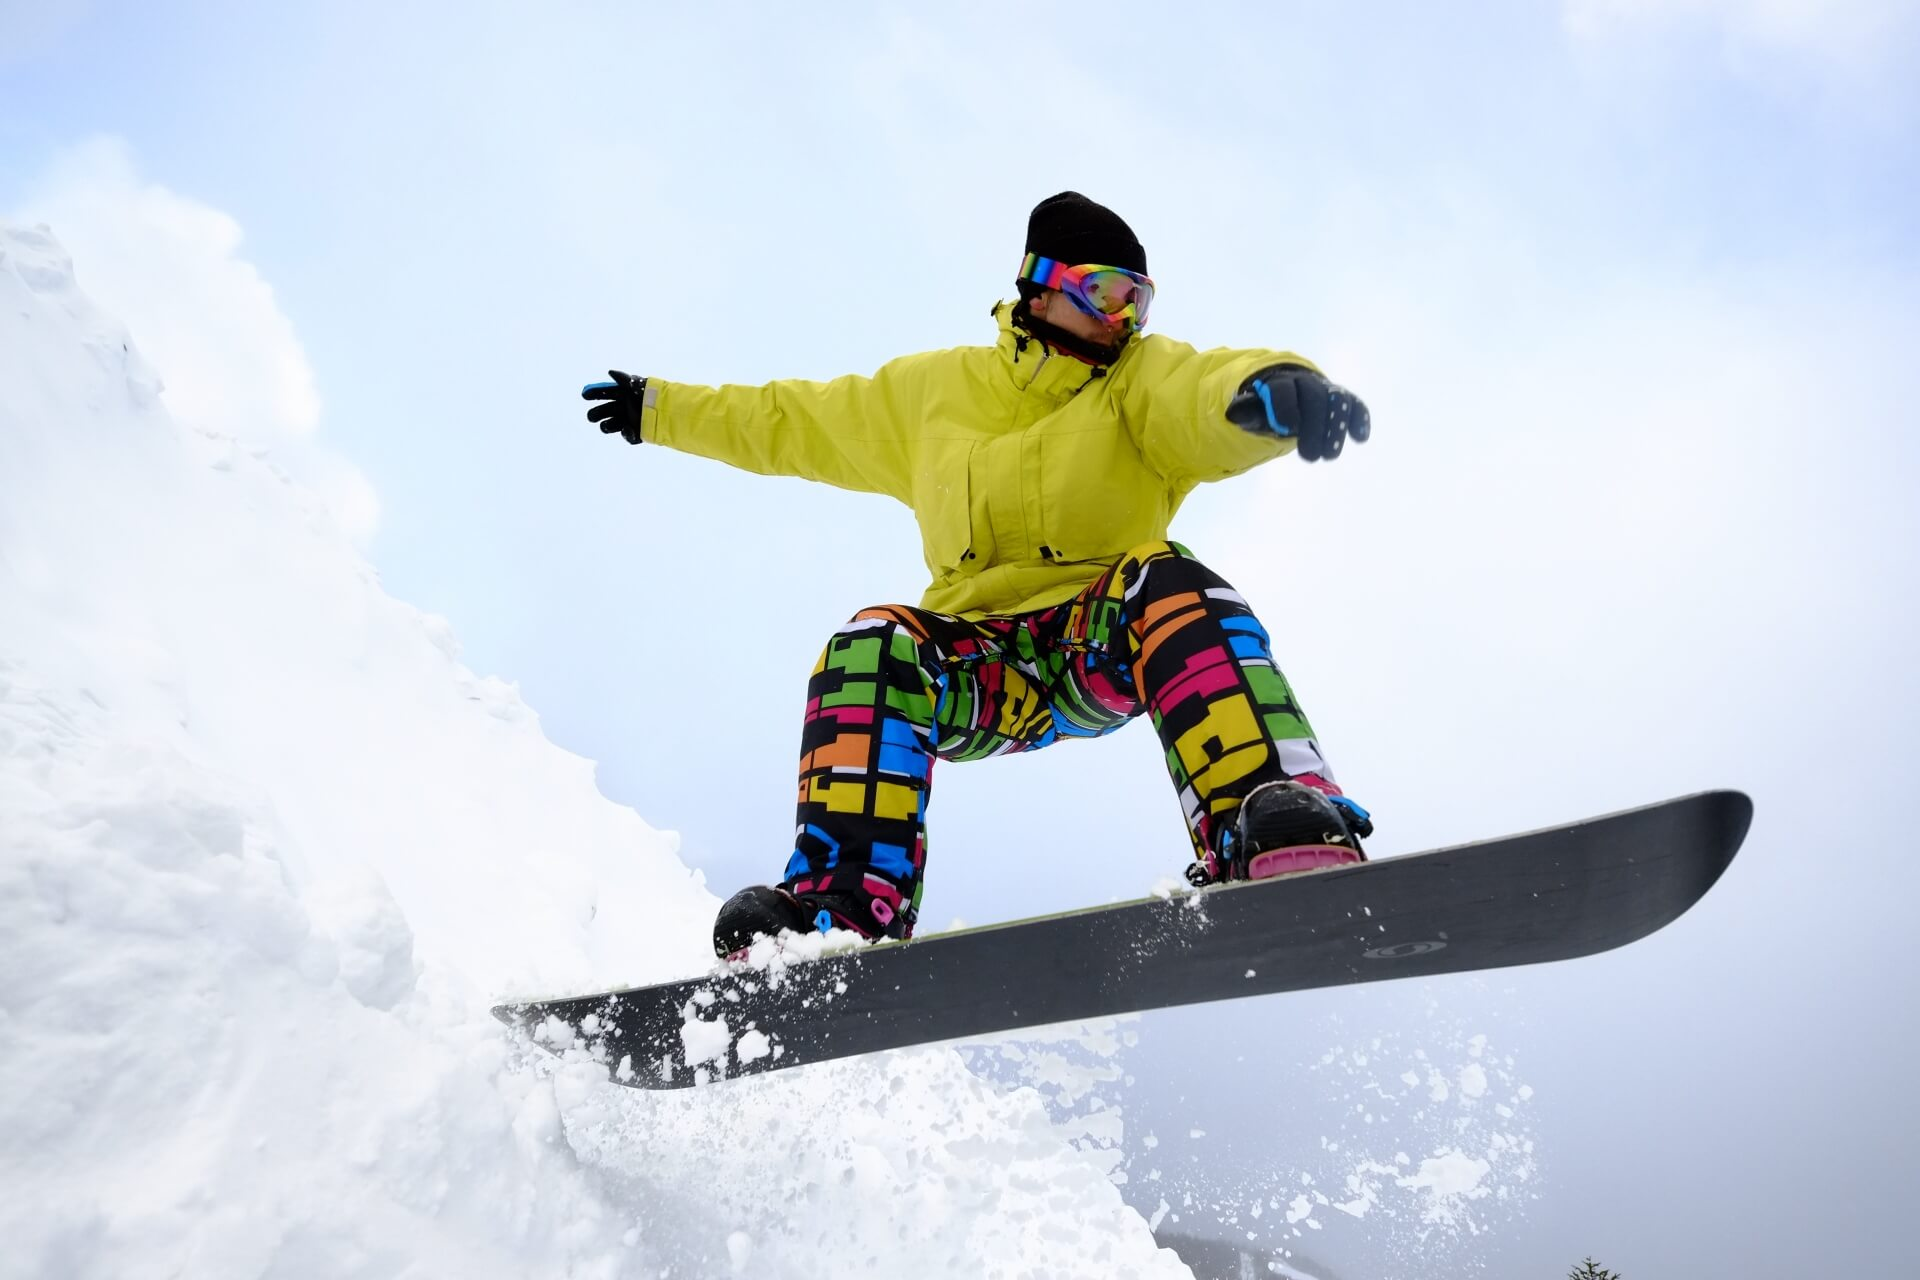 ターンを習得してスノーボードをもっと楽しもう!